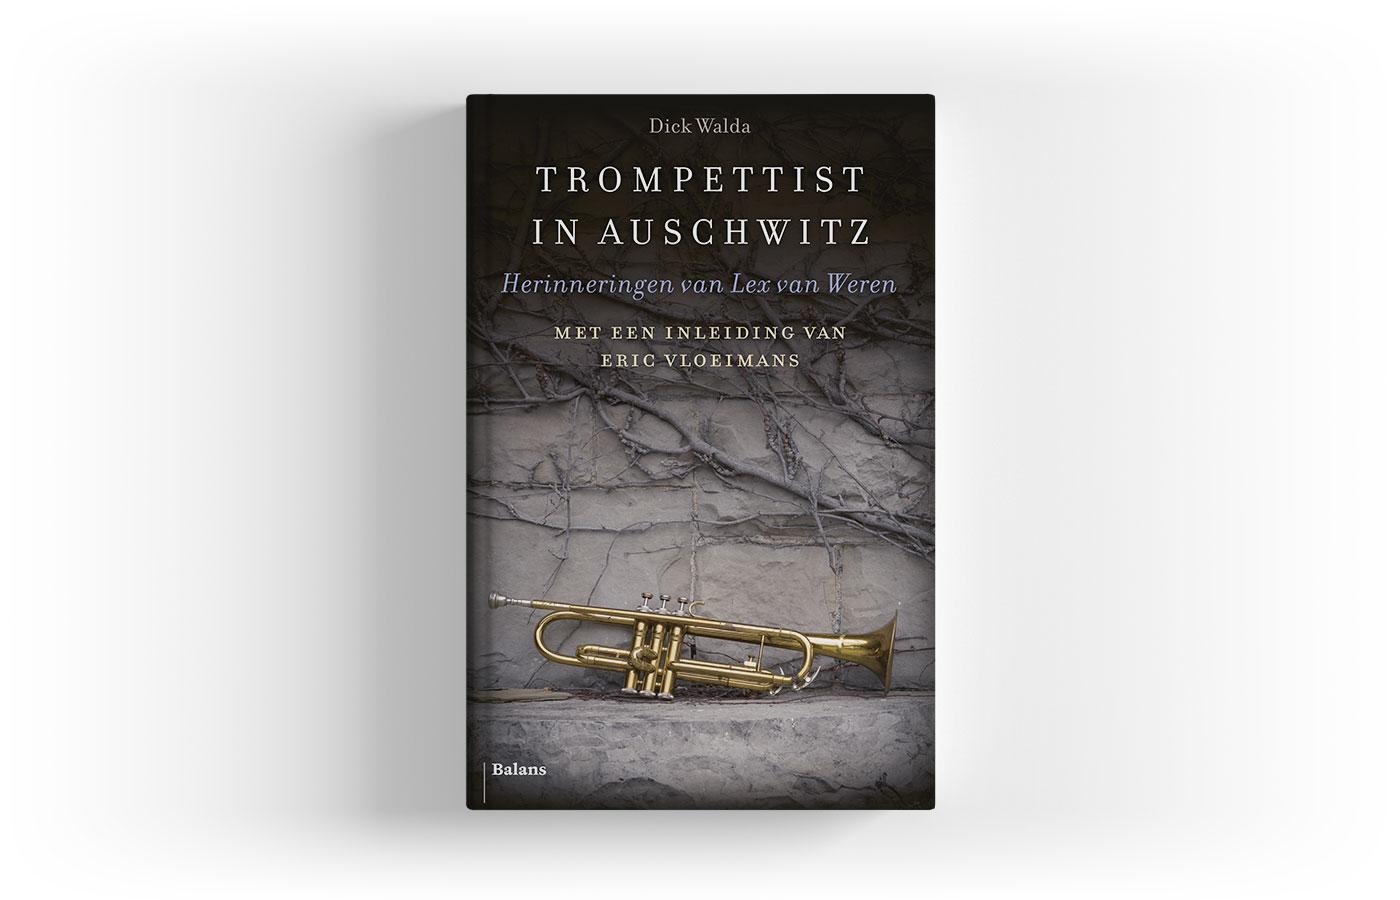 Trompettist in Auschwitz